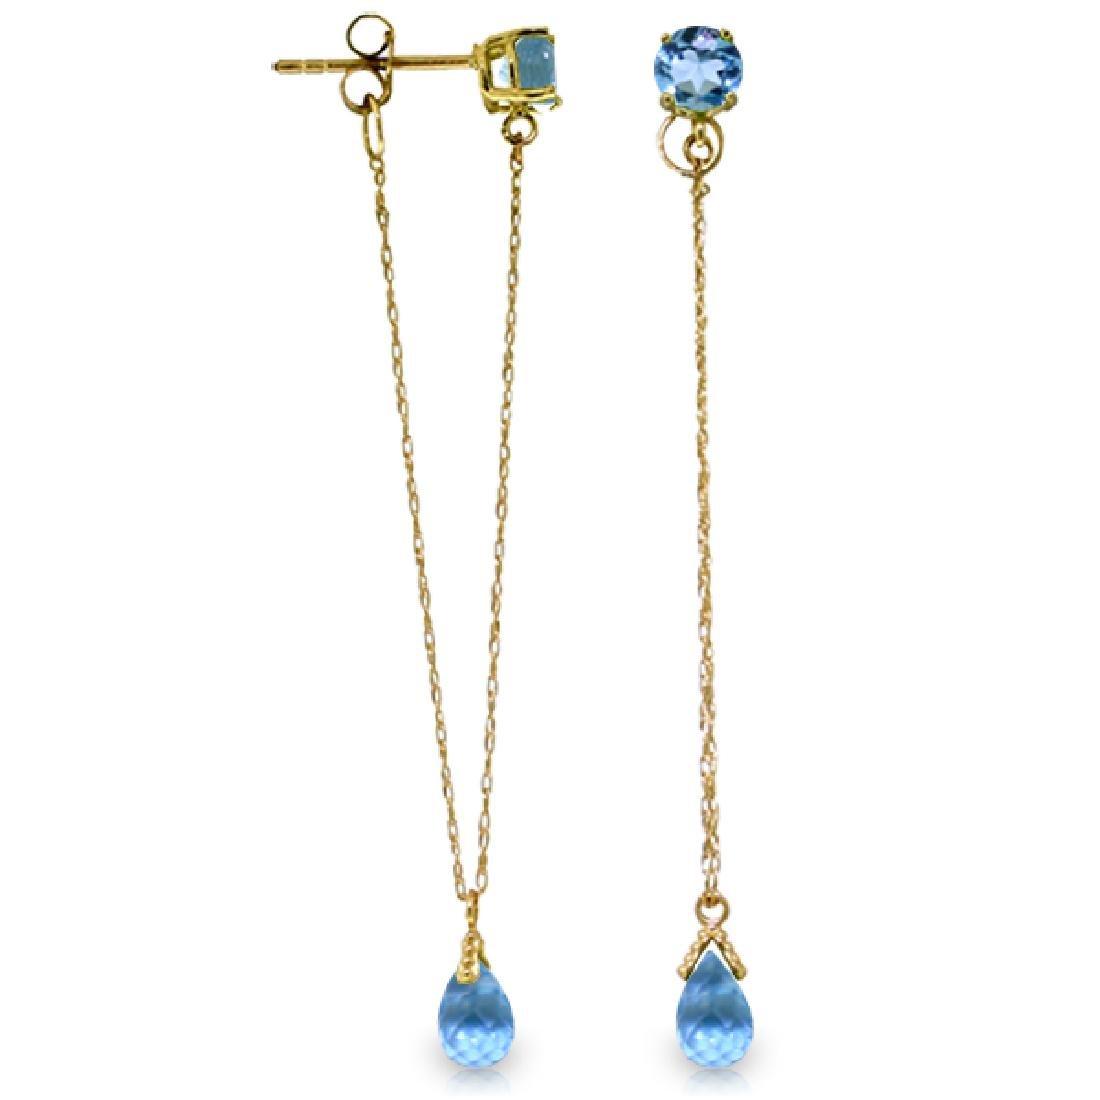 Genuine 3.15 ctw Blue Topaz Earrings Jewelry 14KT